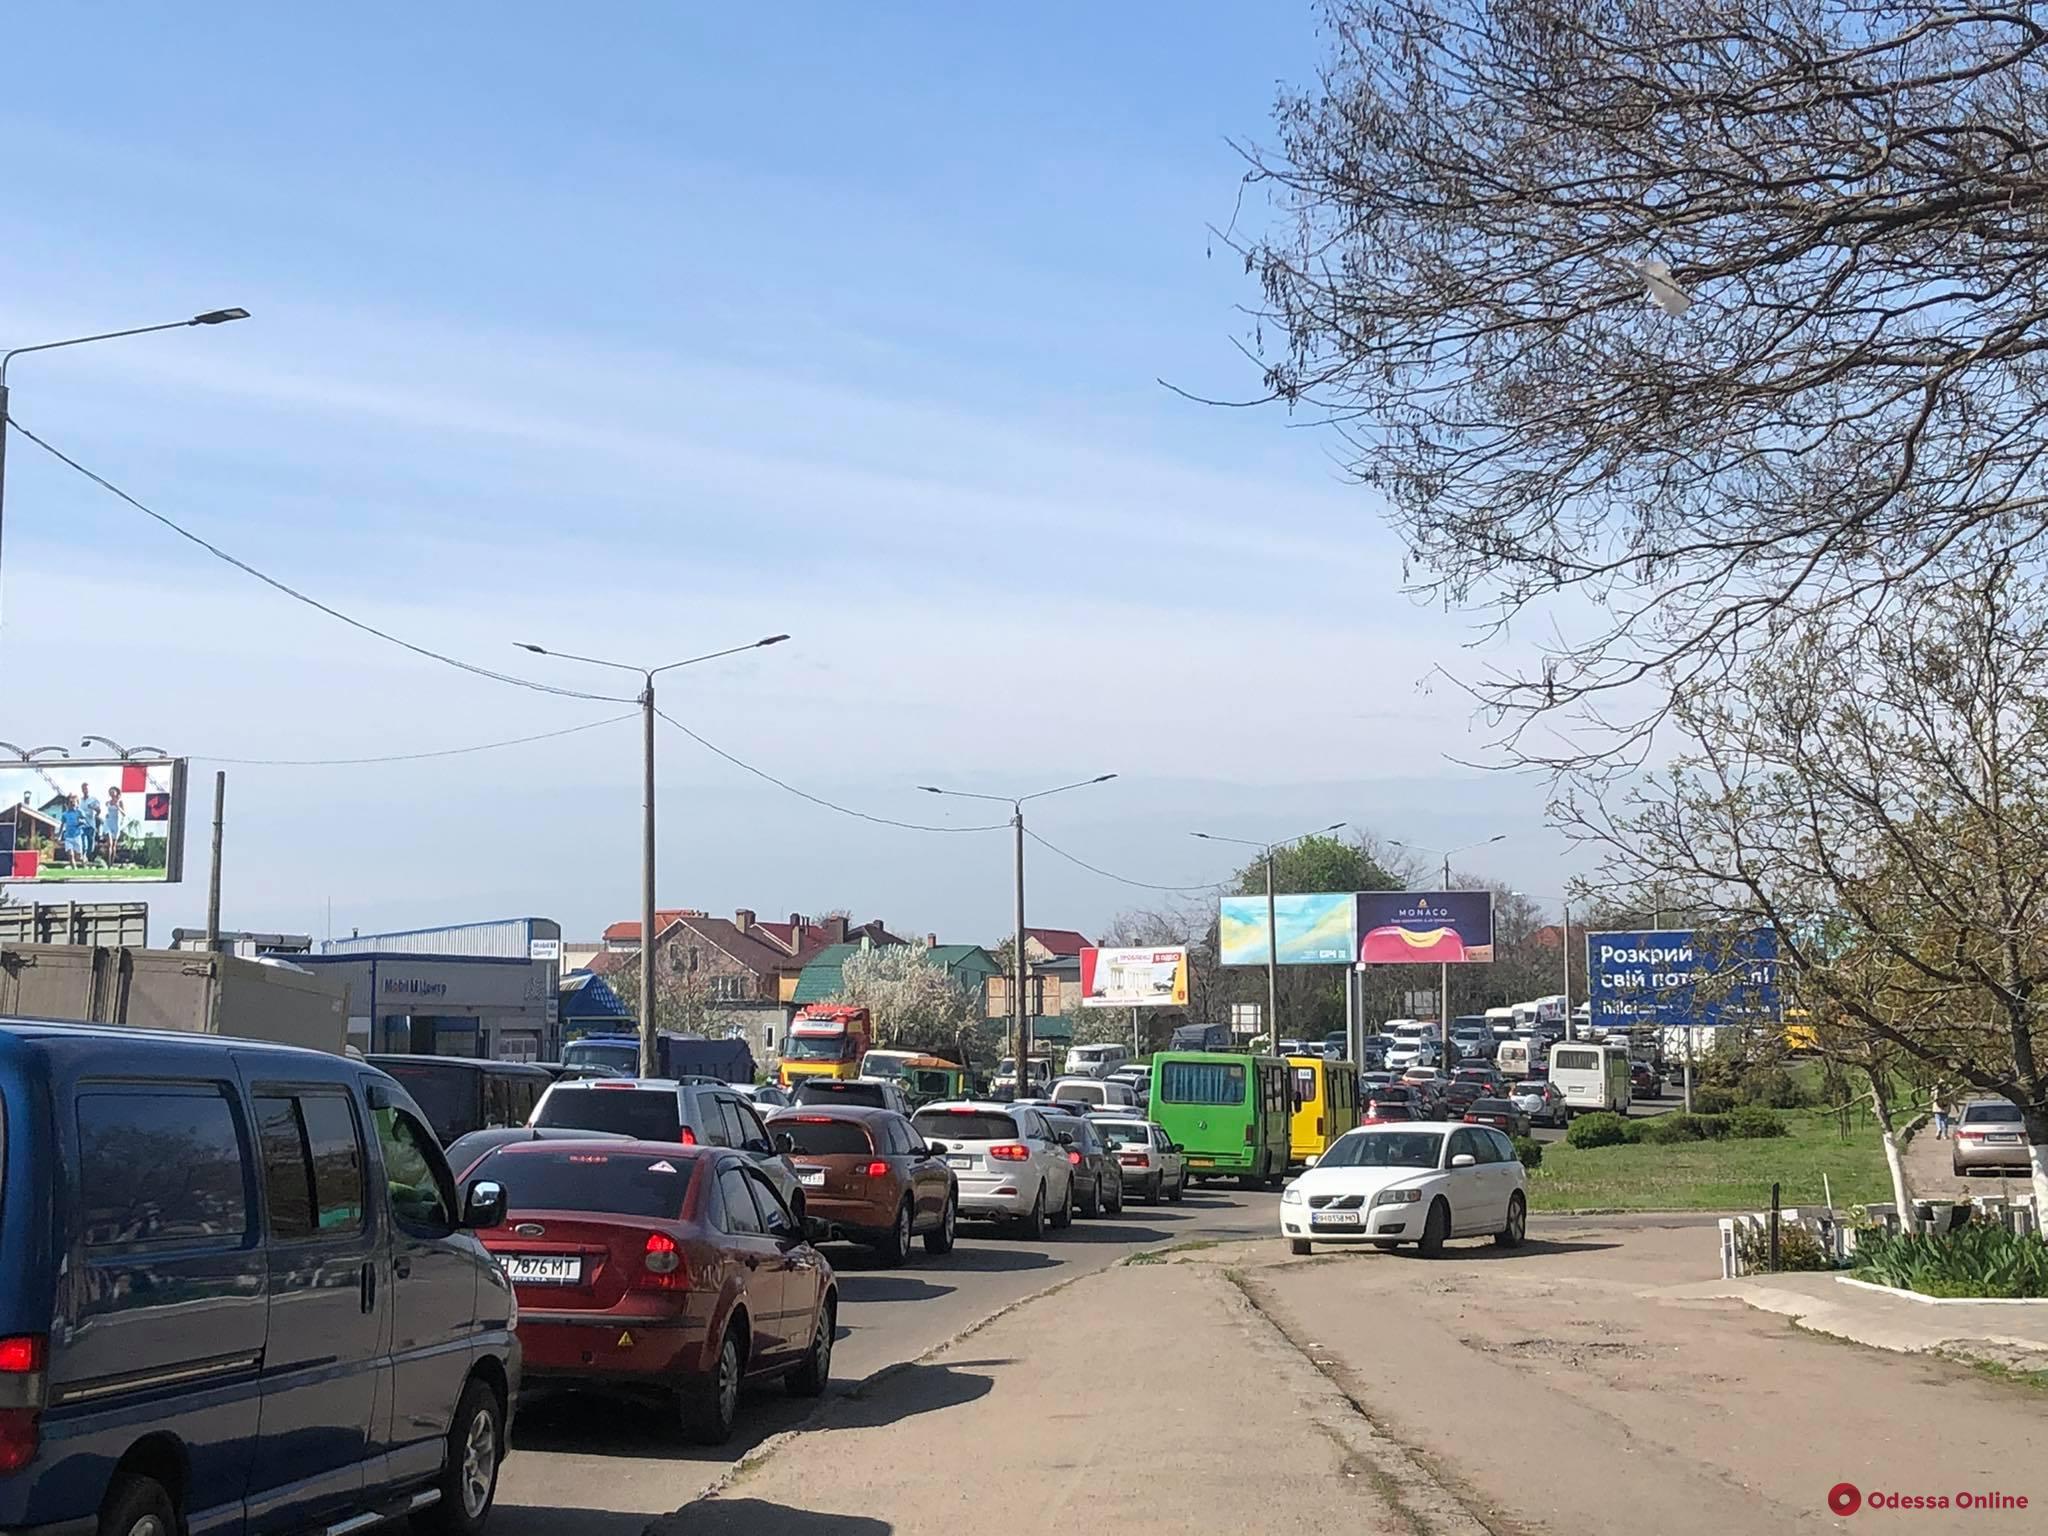 С поселка Котовского в сторону центра города образовалась огромная пробка